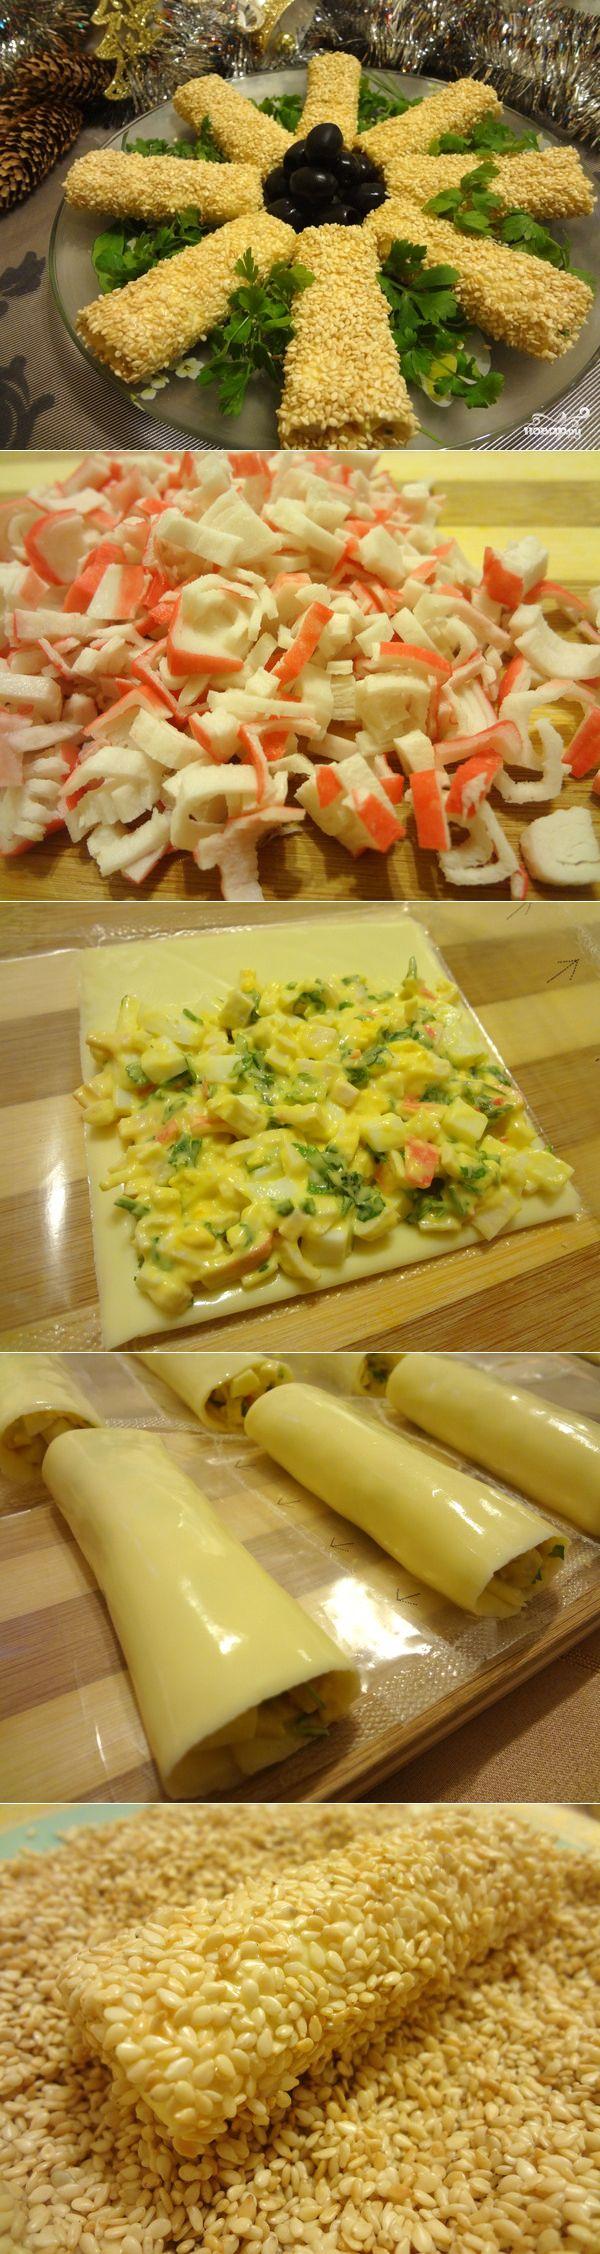 Рулетики из сыра с начинкой - пошаговый кулинарный рецепт с фото на Повар.ру